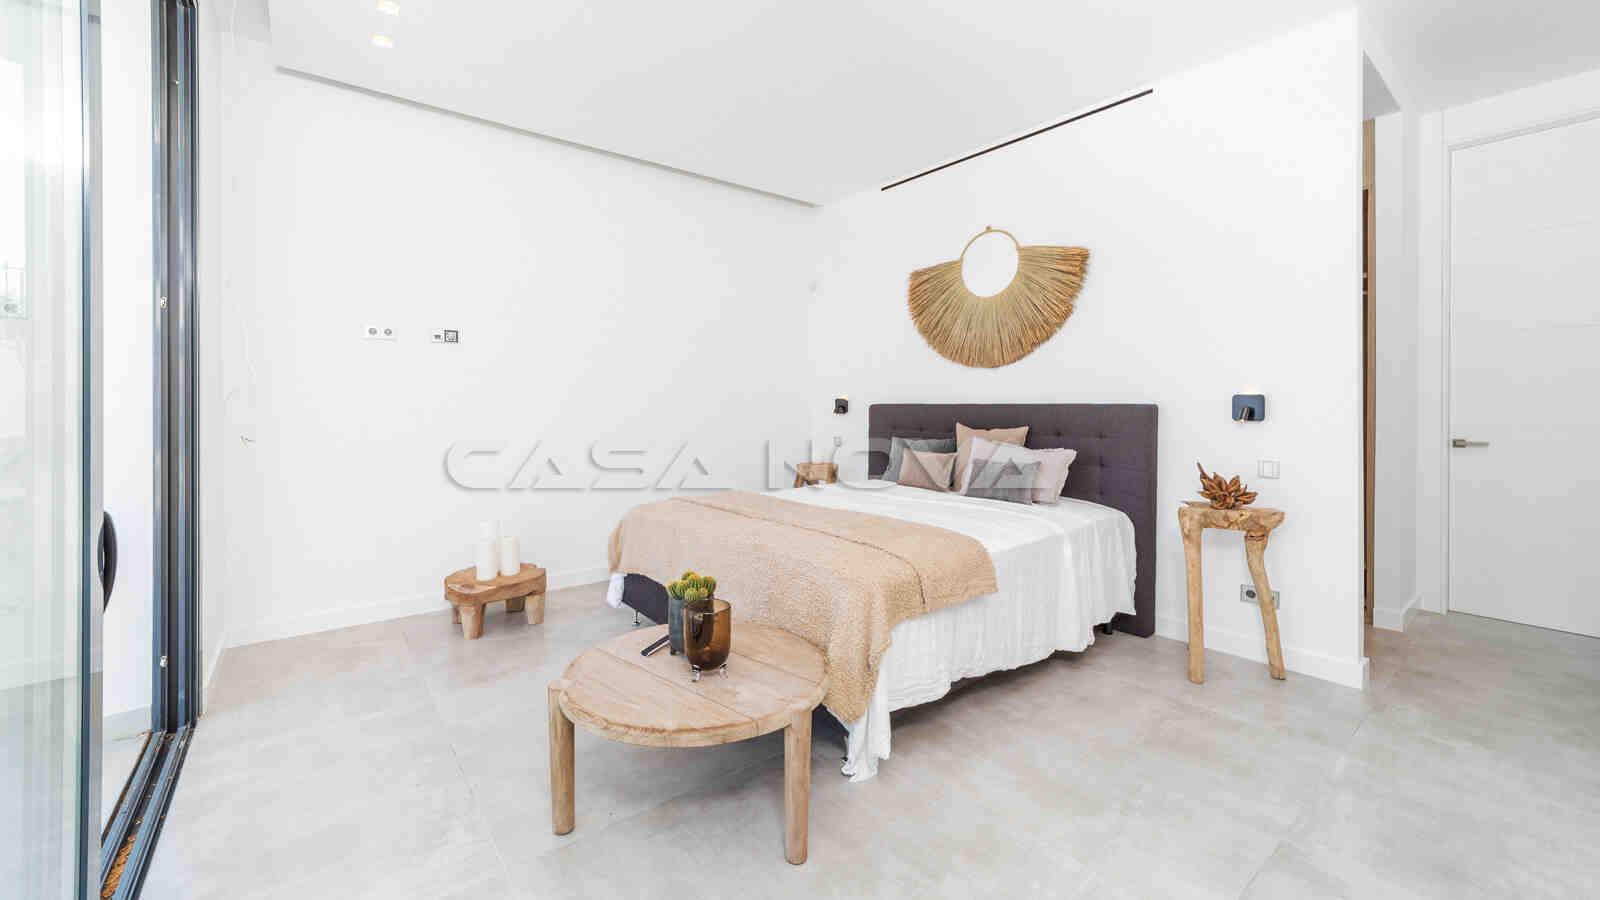 Ref. 2402254 - Zweites Schlafzimmer mit Einbauschränken